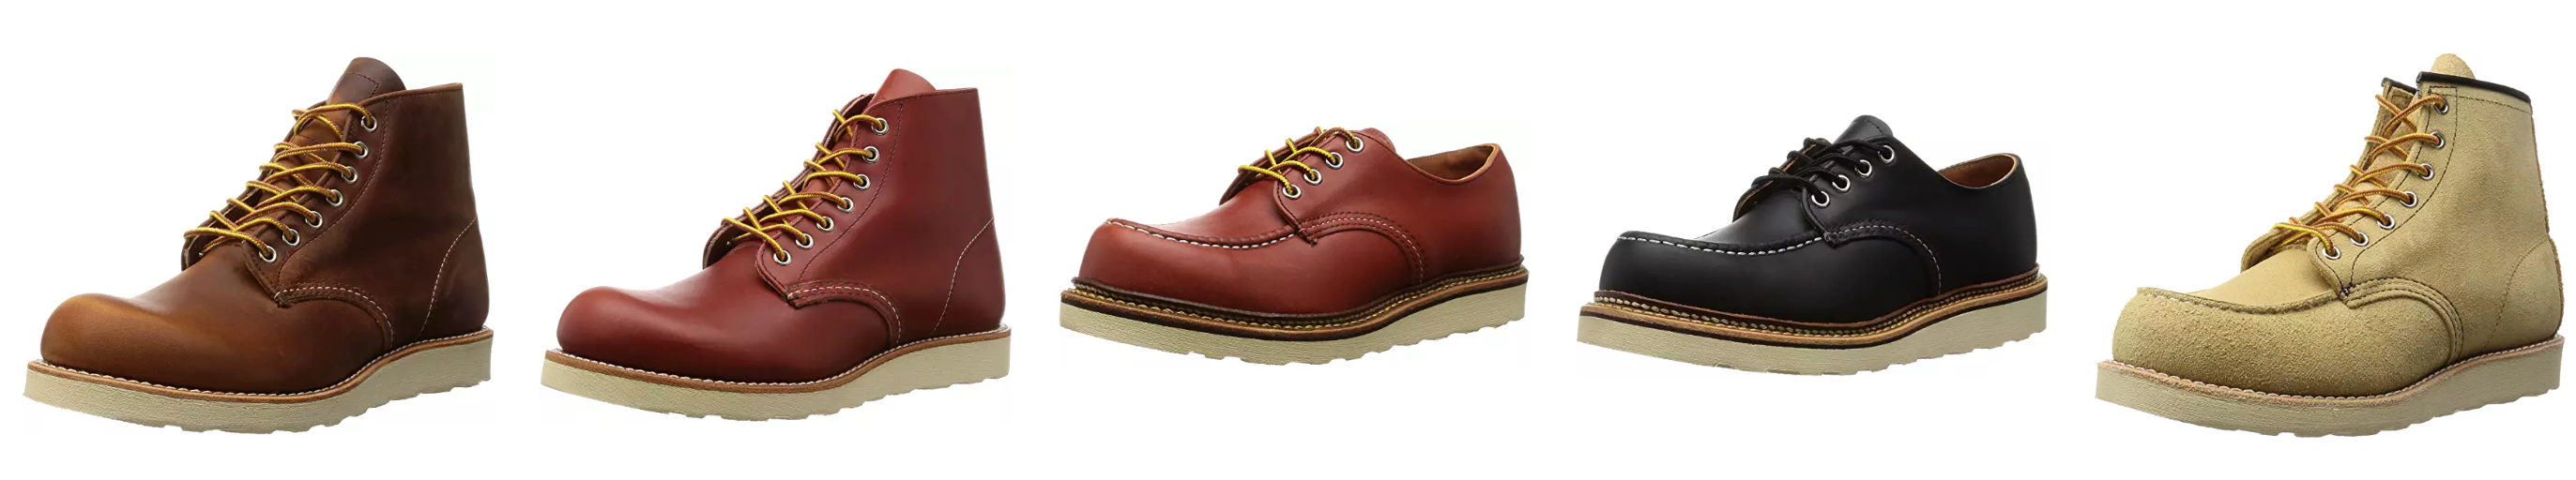 革靴(ワークブーツ)VSジャングルモック